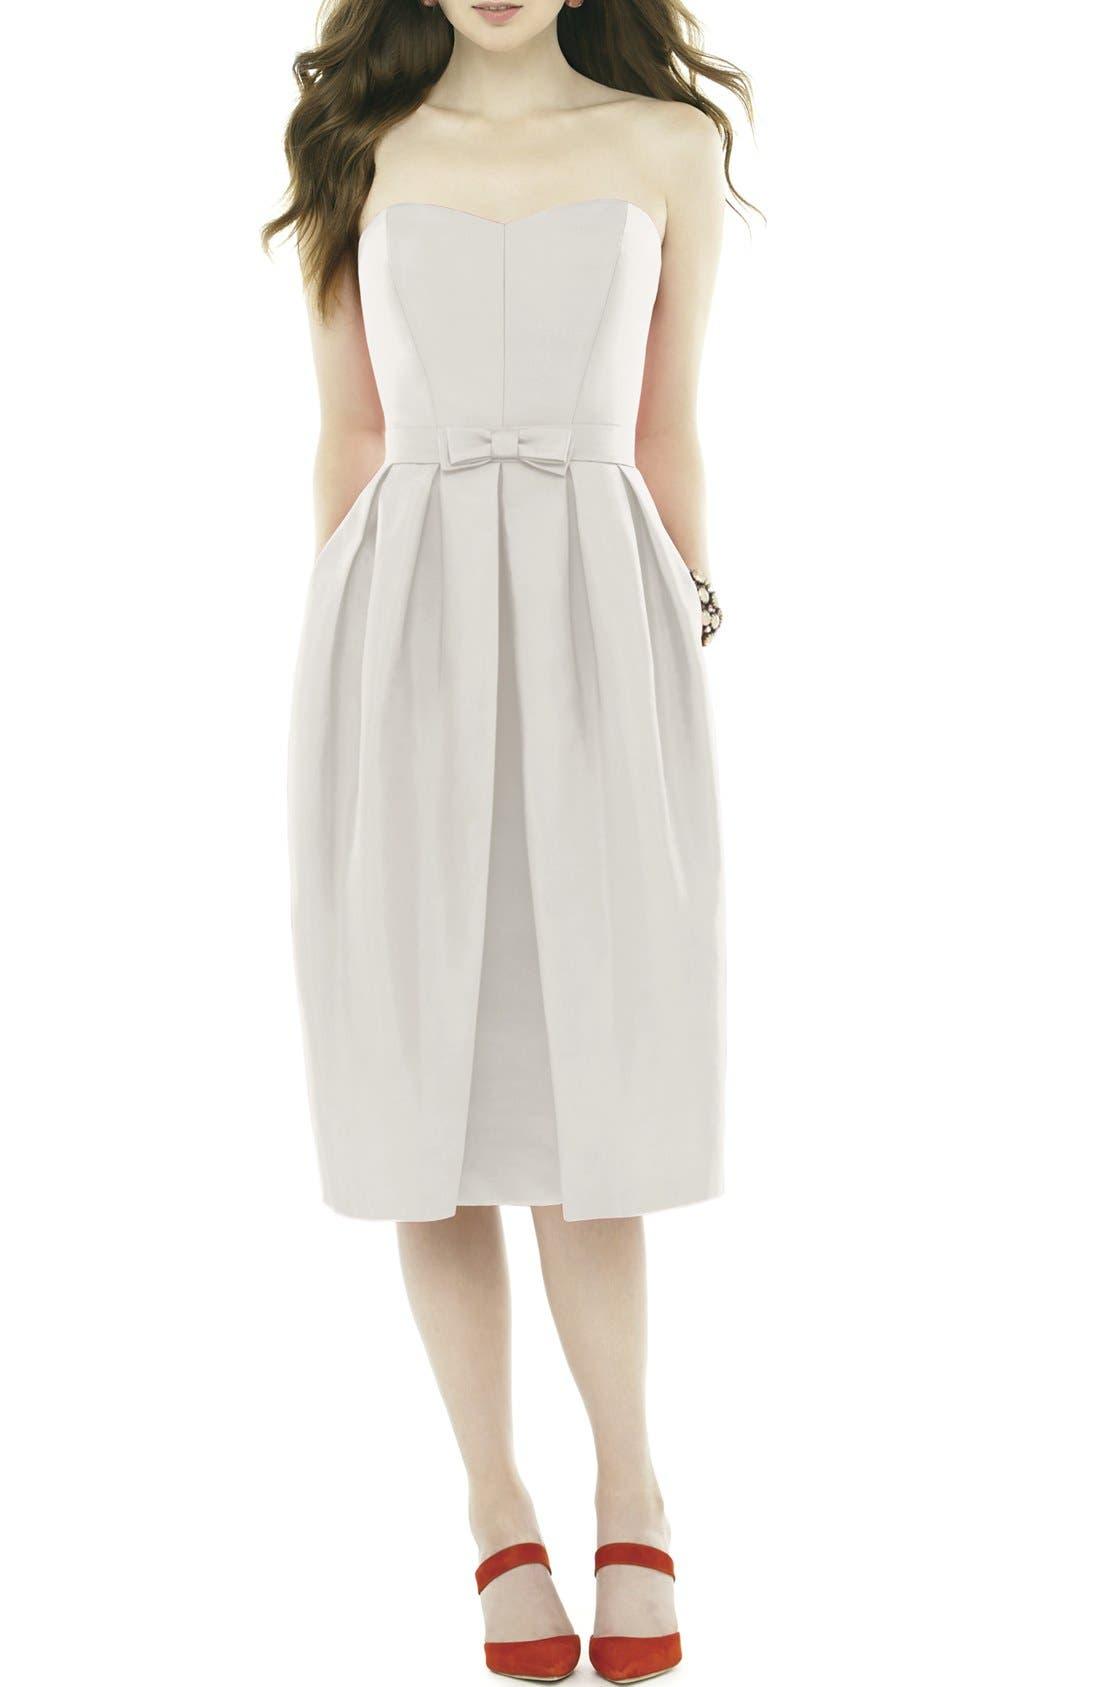 Strapless Peau de Soie Midi Dress with Bow Belt,                             Main thumbnail 1, color,                             Snow White